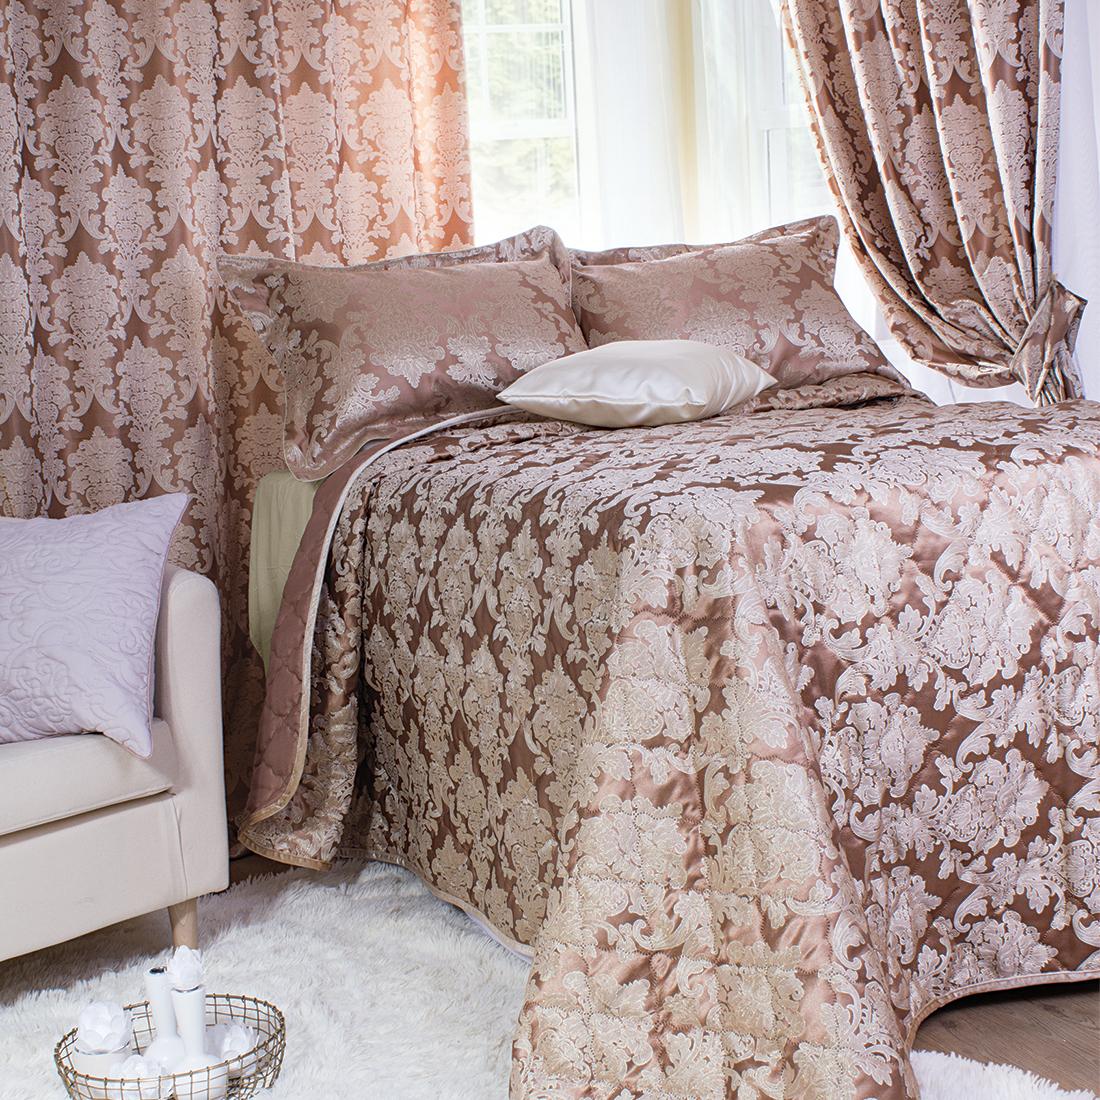 Шторы Мадмуазель Бато Лавуар Комплект штор с покрывалом Шато де Селин Цвет: Бежевый комплект штор с покрывалом для спальни в москве